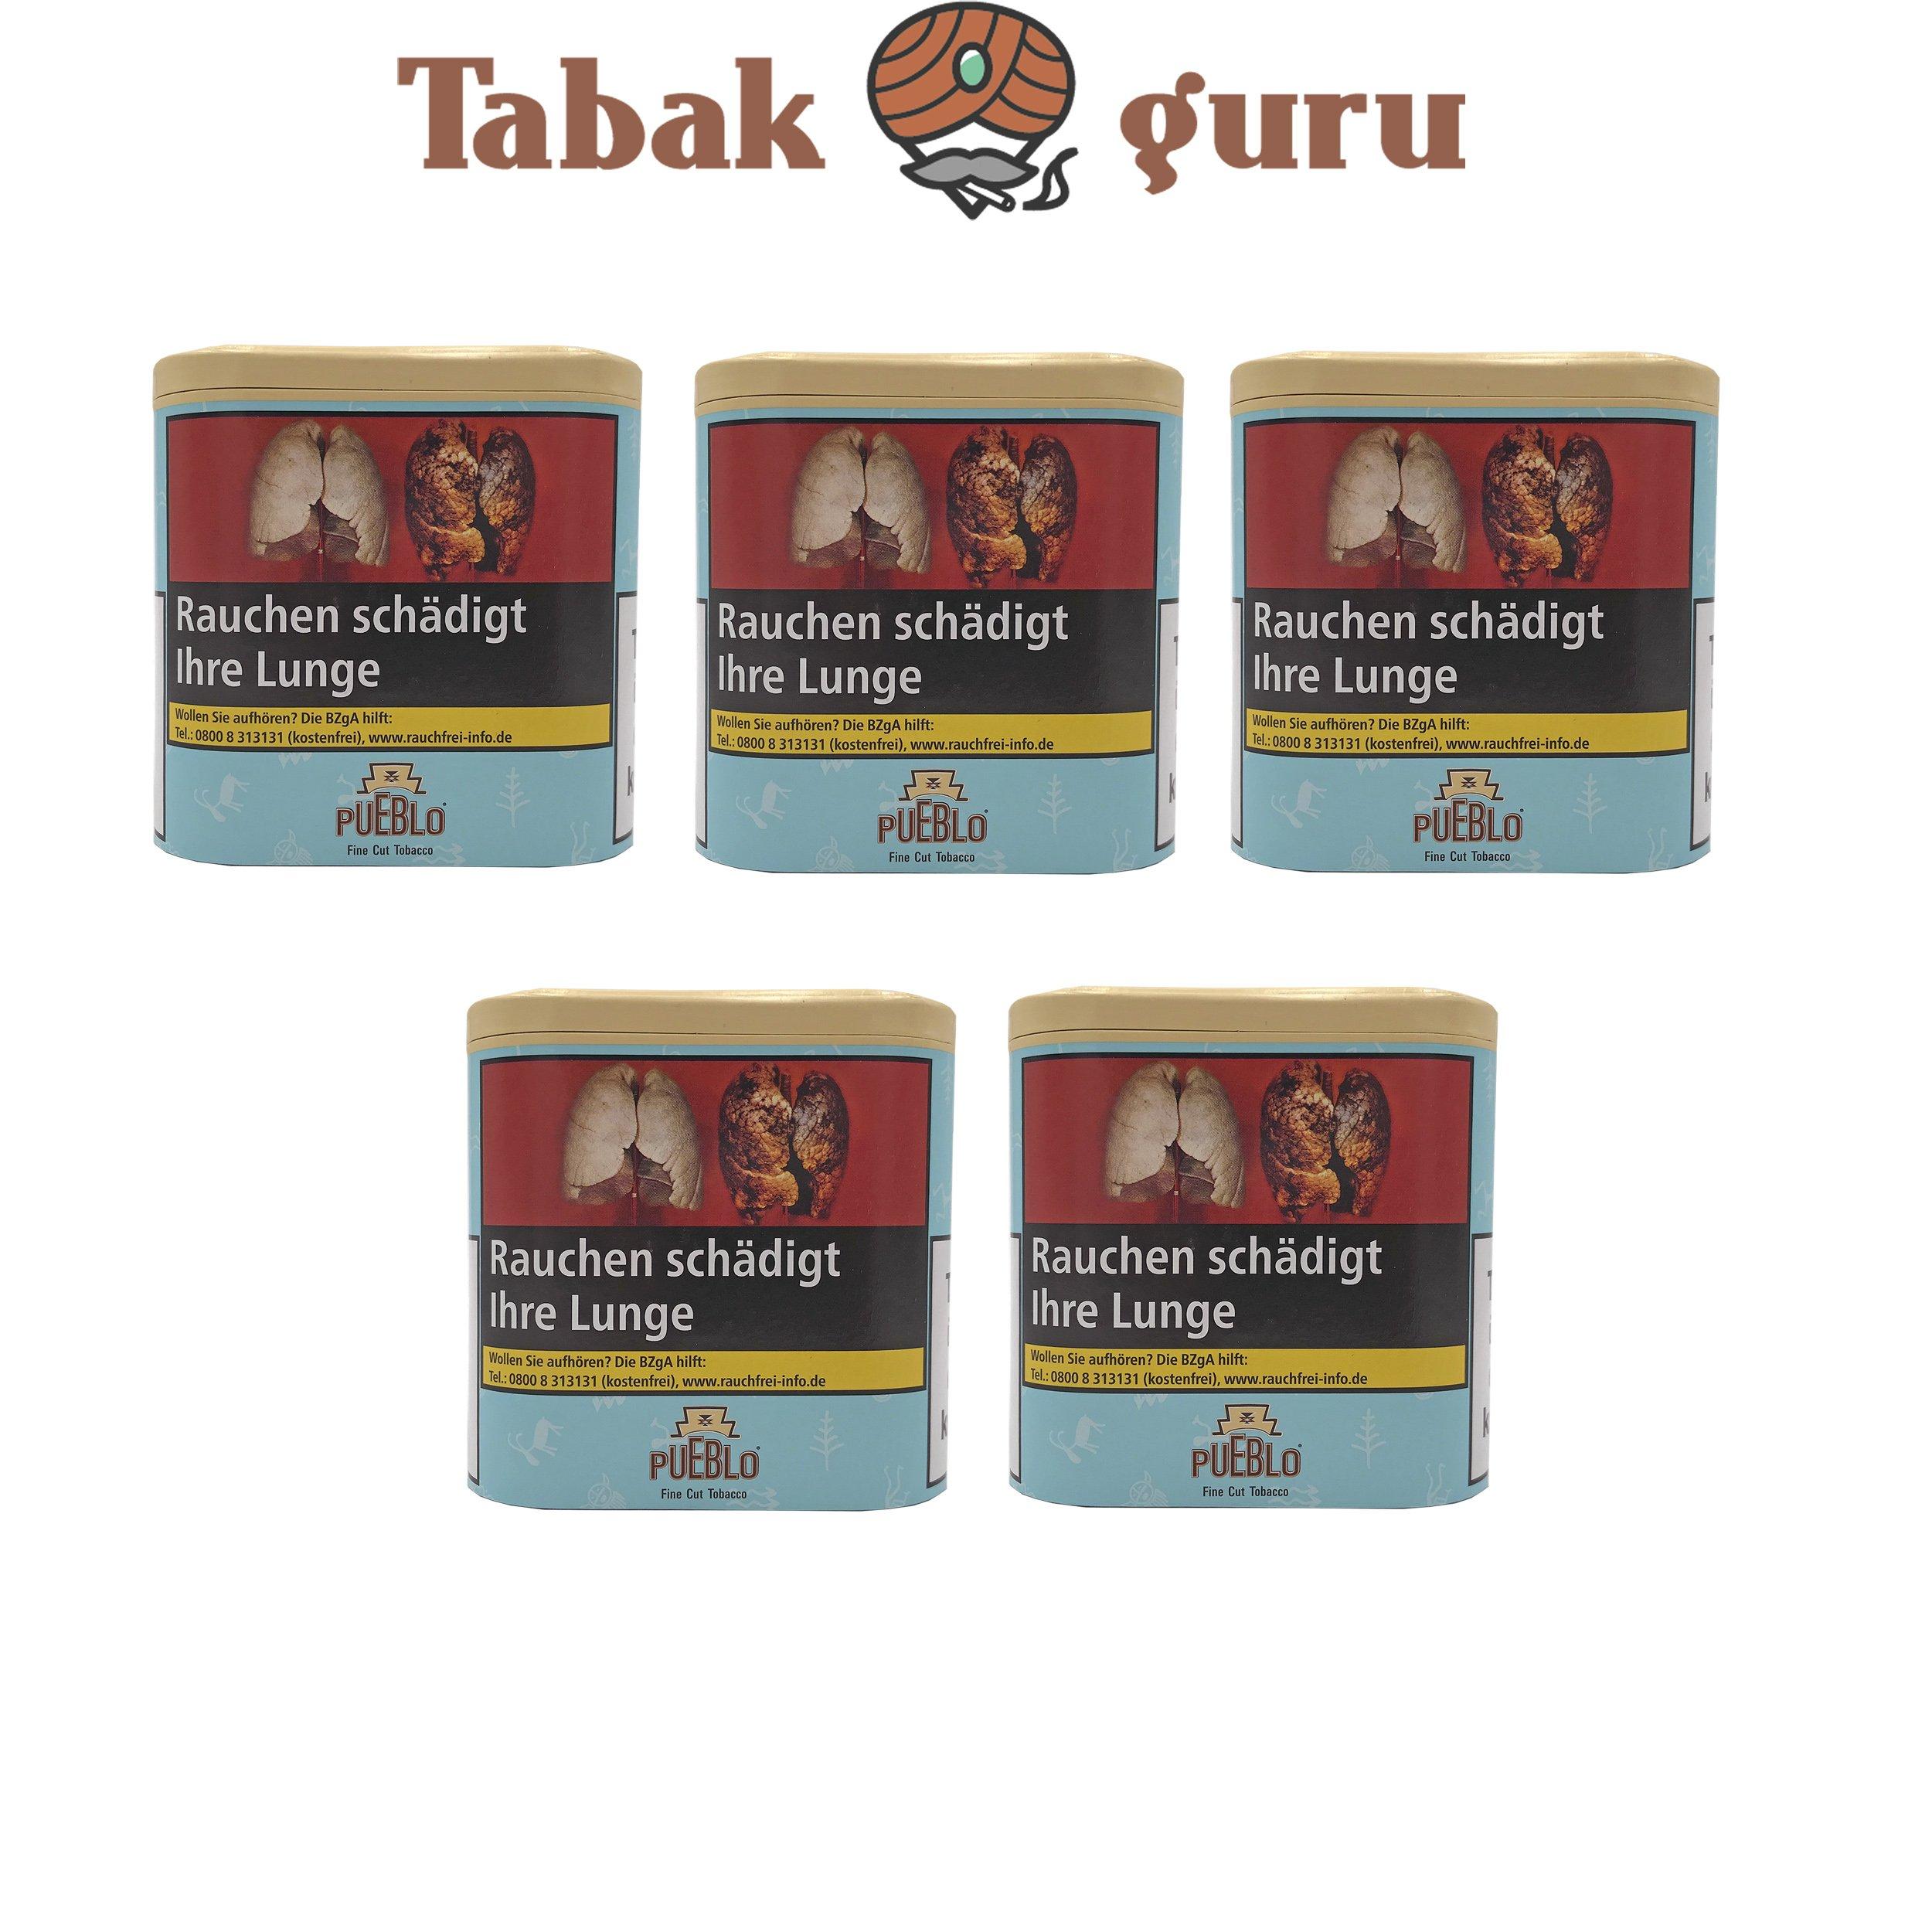 5x Pueblo Blau Feinschnitt Drehtabak Dose á 100g Tabak ohne Zusatzstoffe